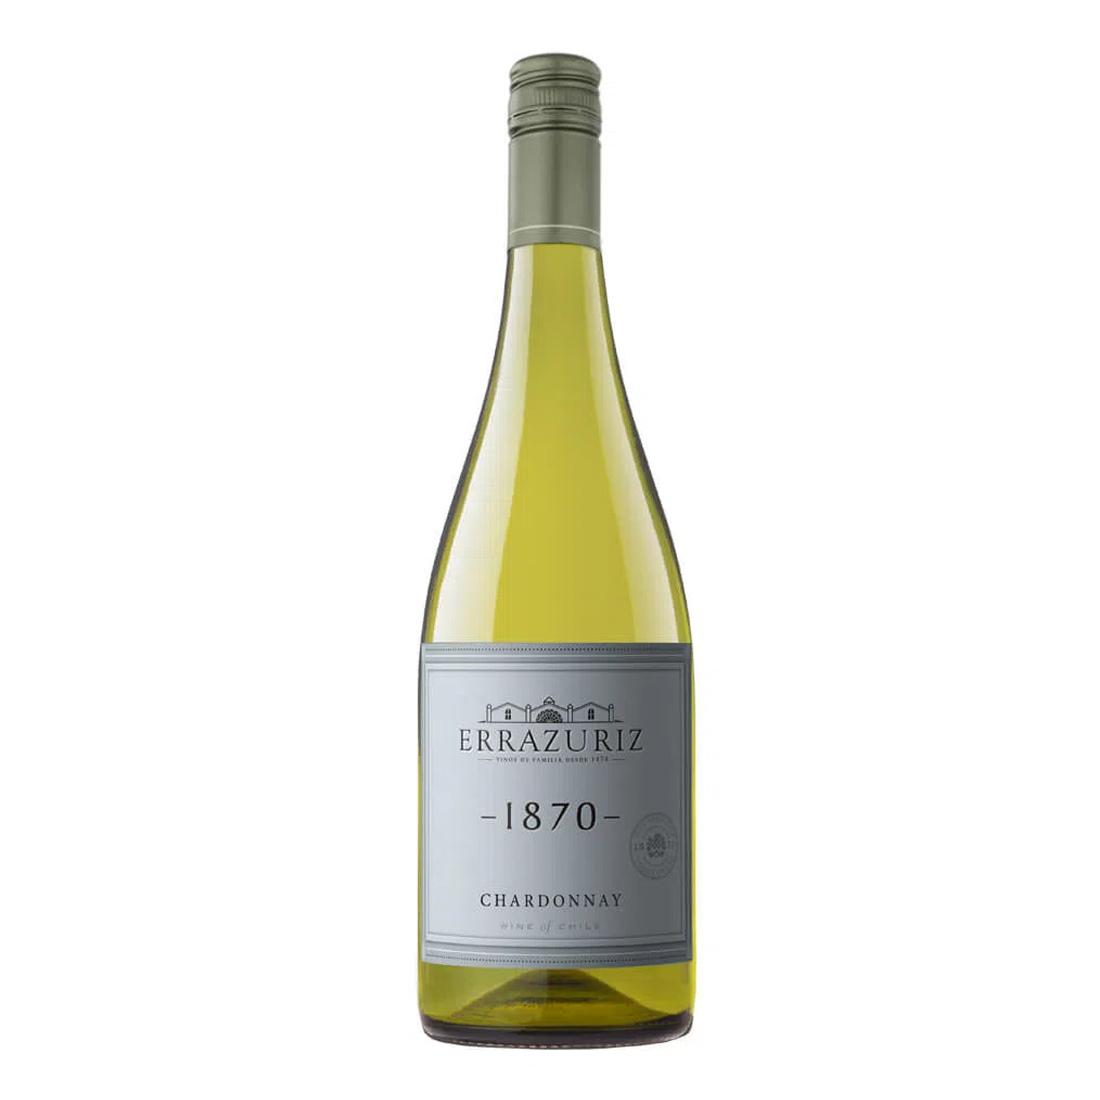 Vinho Errazuriz 1870 Chardonnay 750 ml